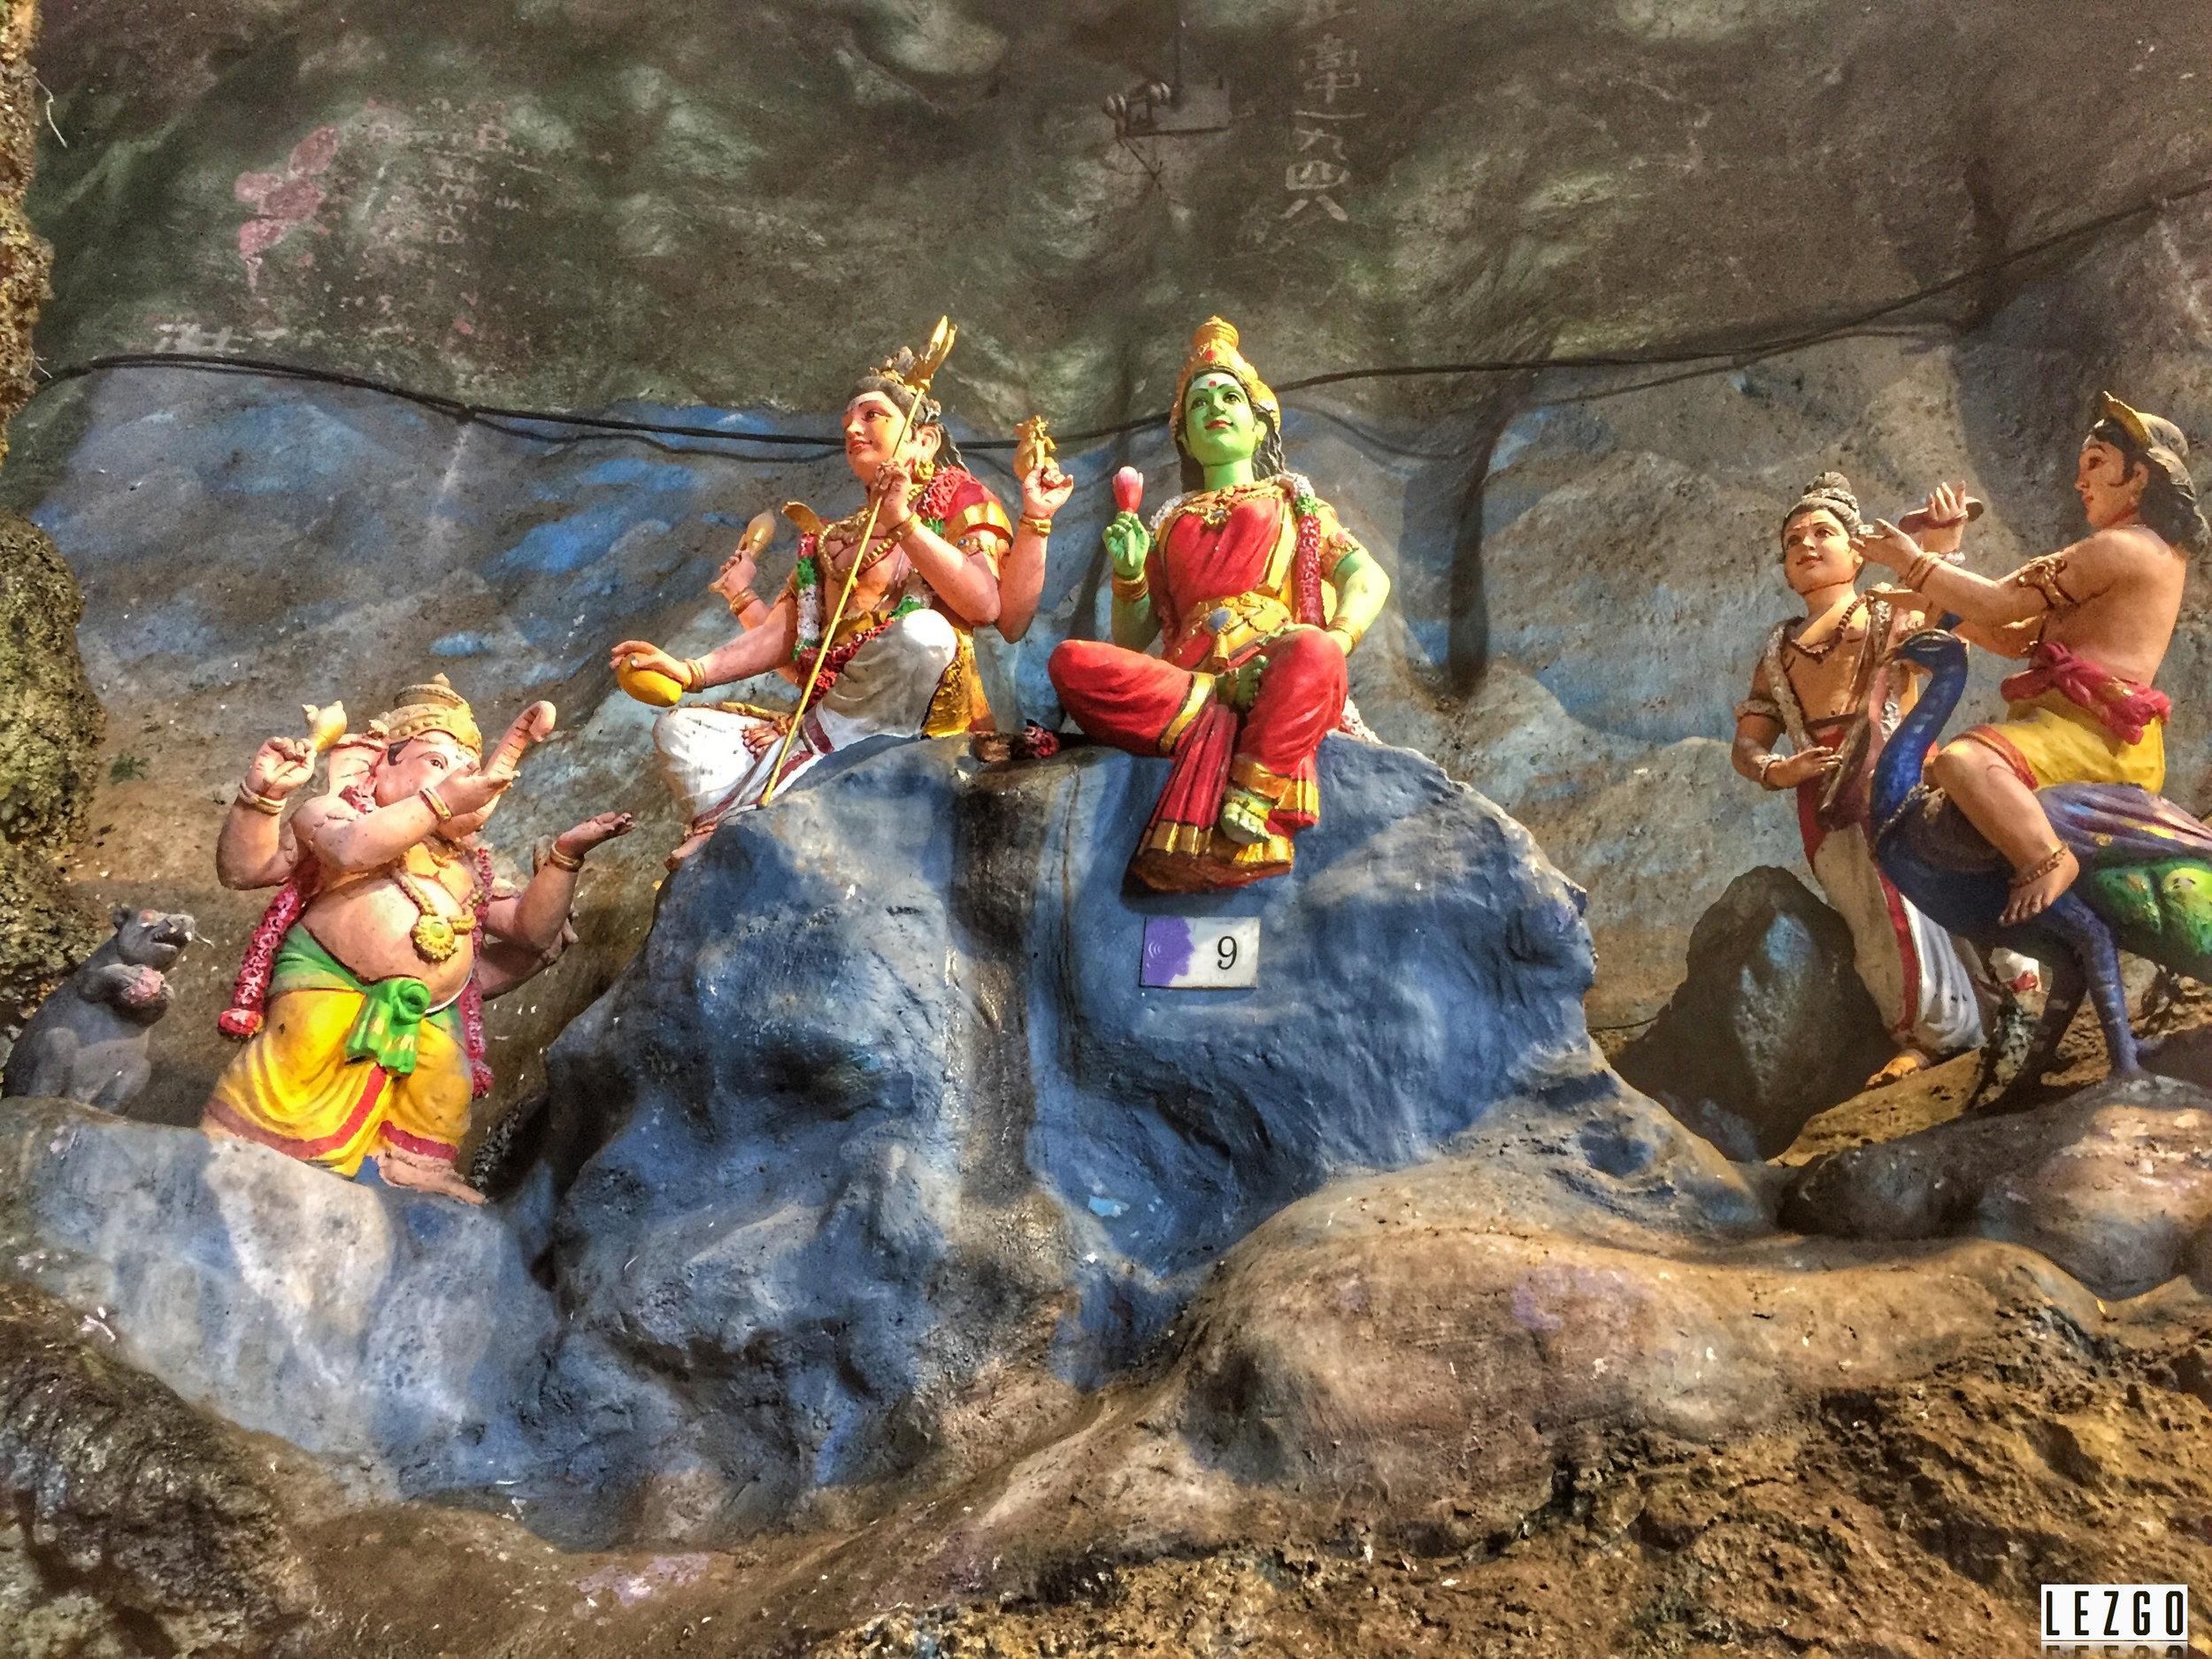 Statues in Cave, Batu Caves, Malaysia June 2017